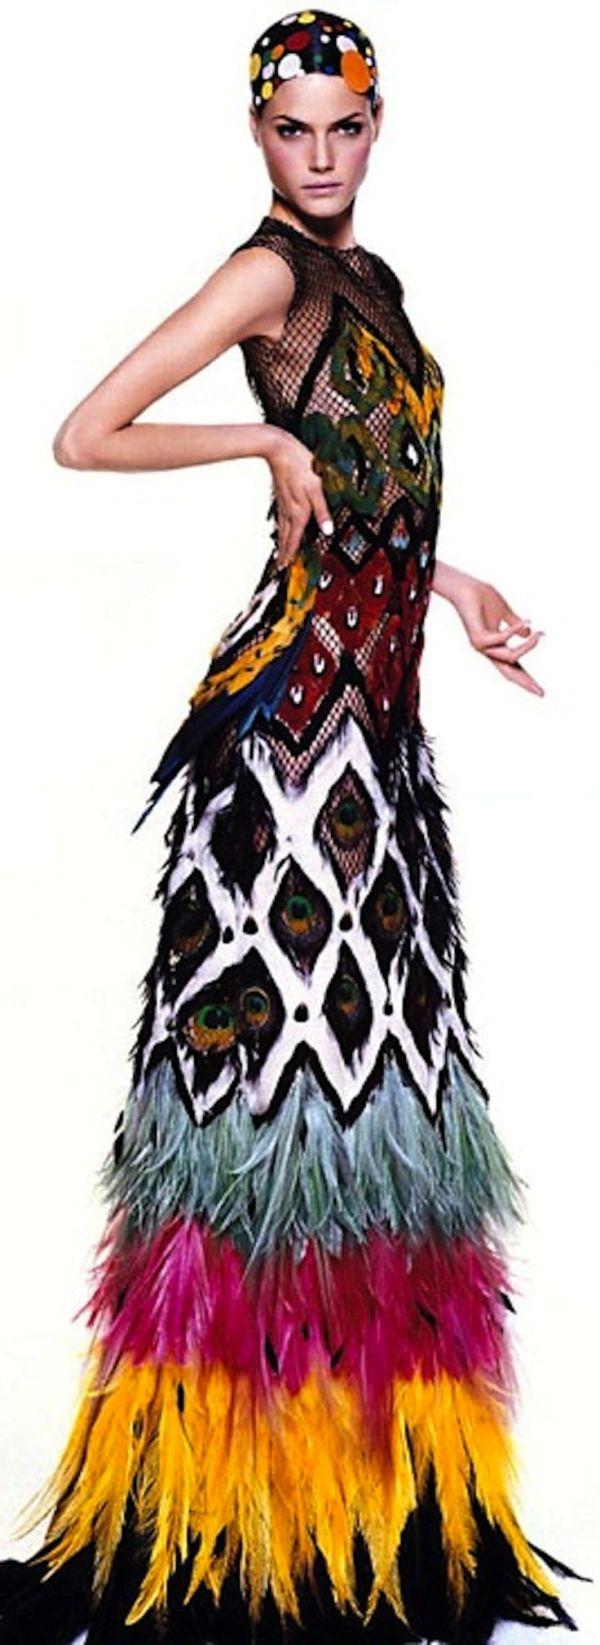 robe de Jean Paul Gaultier, les couleurs très vives et très dansantes marquent une certaine inspiration exotique, un rappel au brésil, au carnaval de rio, au tenue des coutumes exotiques